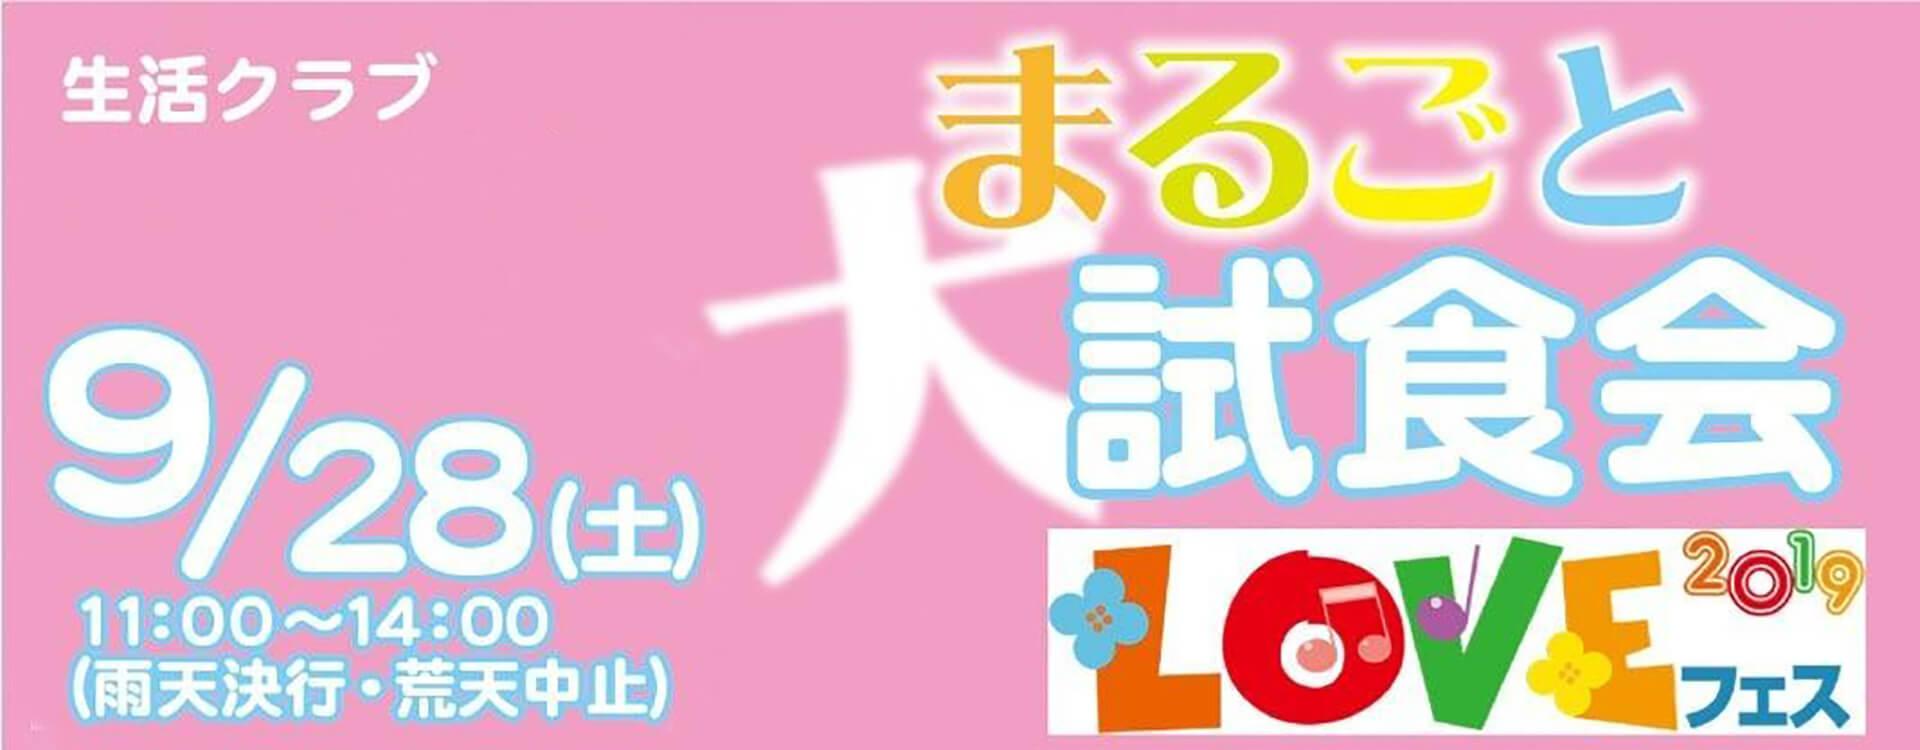 生活クラブまるごと大試食会LOVEフェス2019メインバーナー